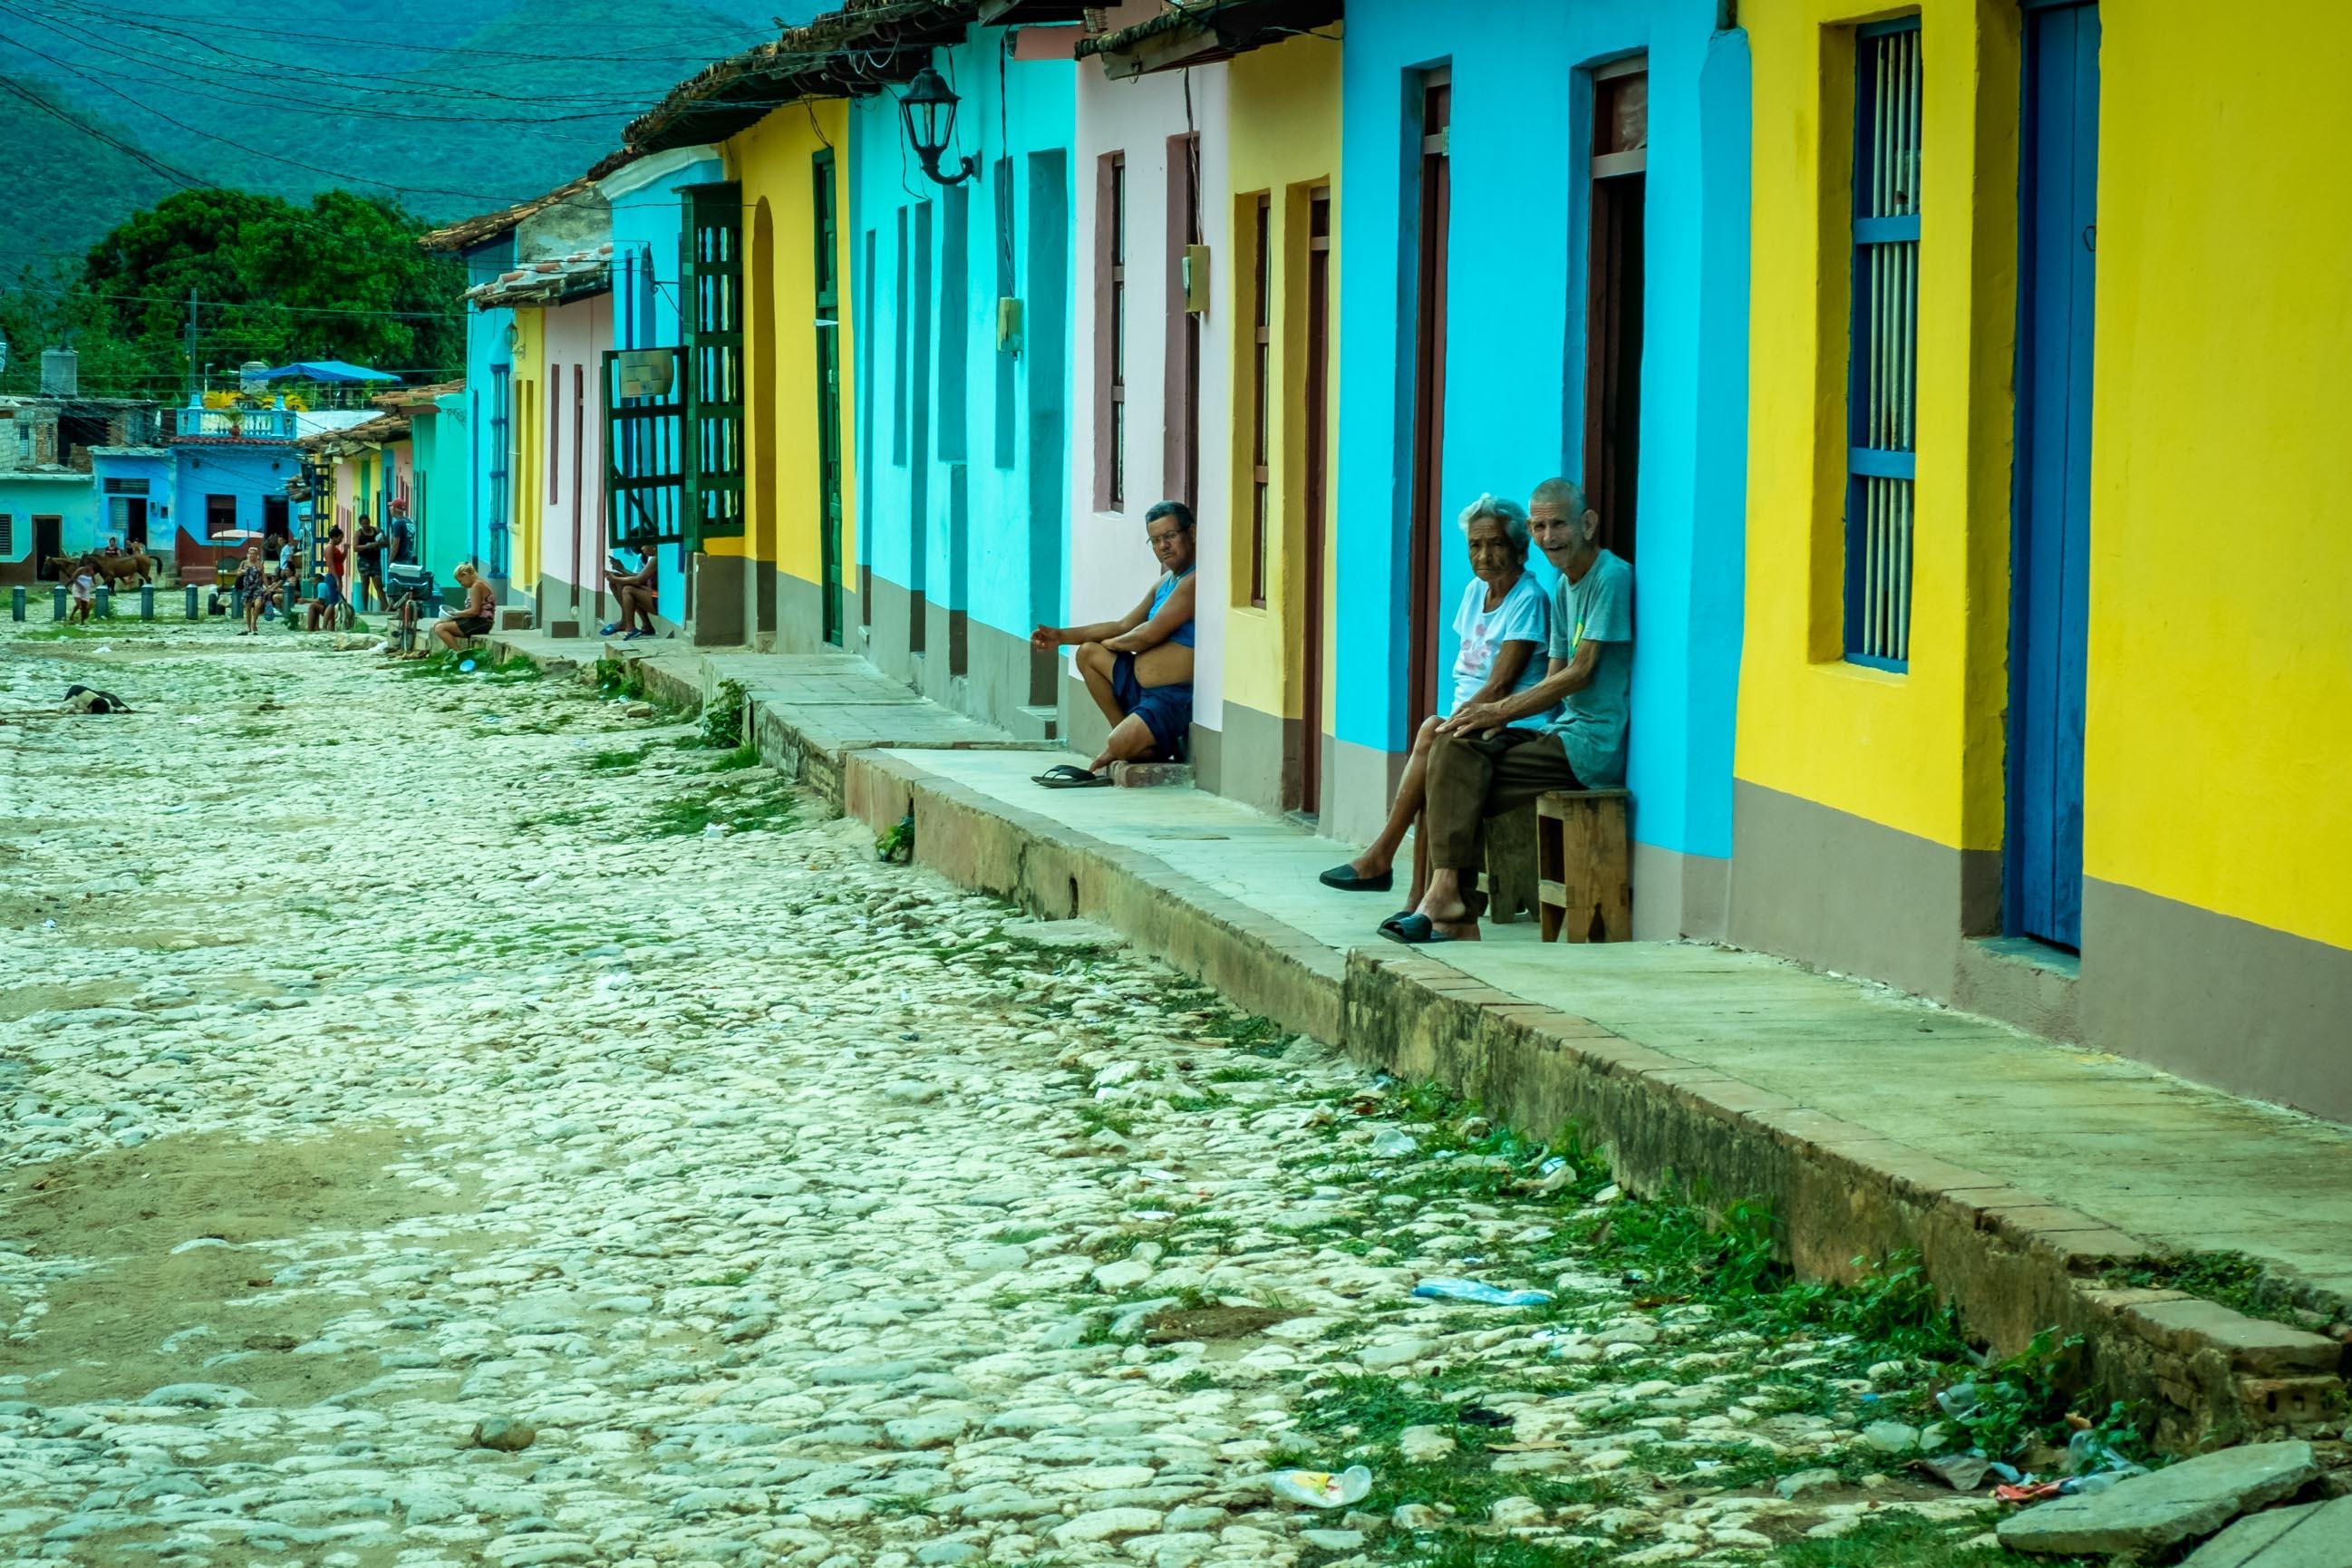 Trinidad et ses superbes rues pavées et colorées